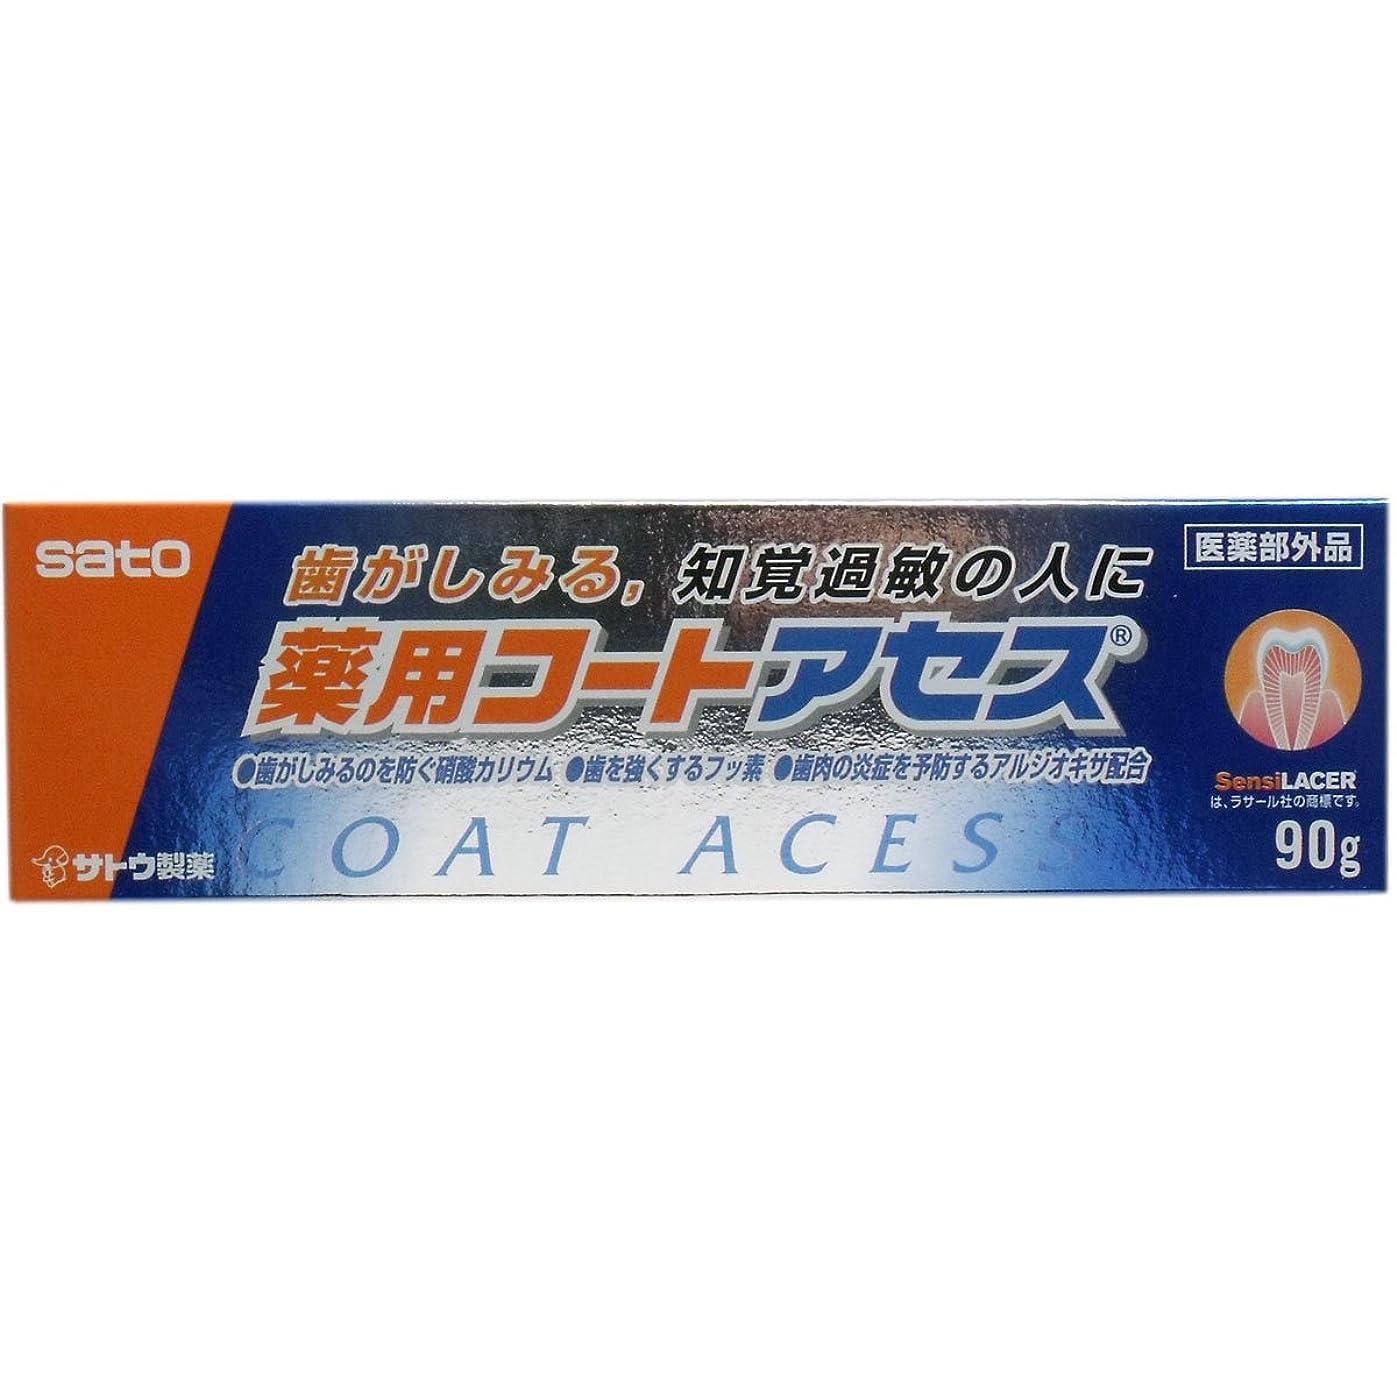 週間土砂降り故障サトウ製薬 薬用コートアセス 薬用歯みがき 90g ×8個セット